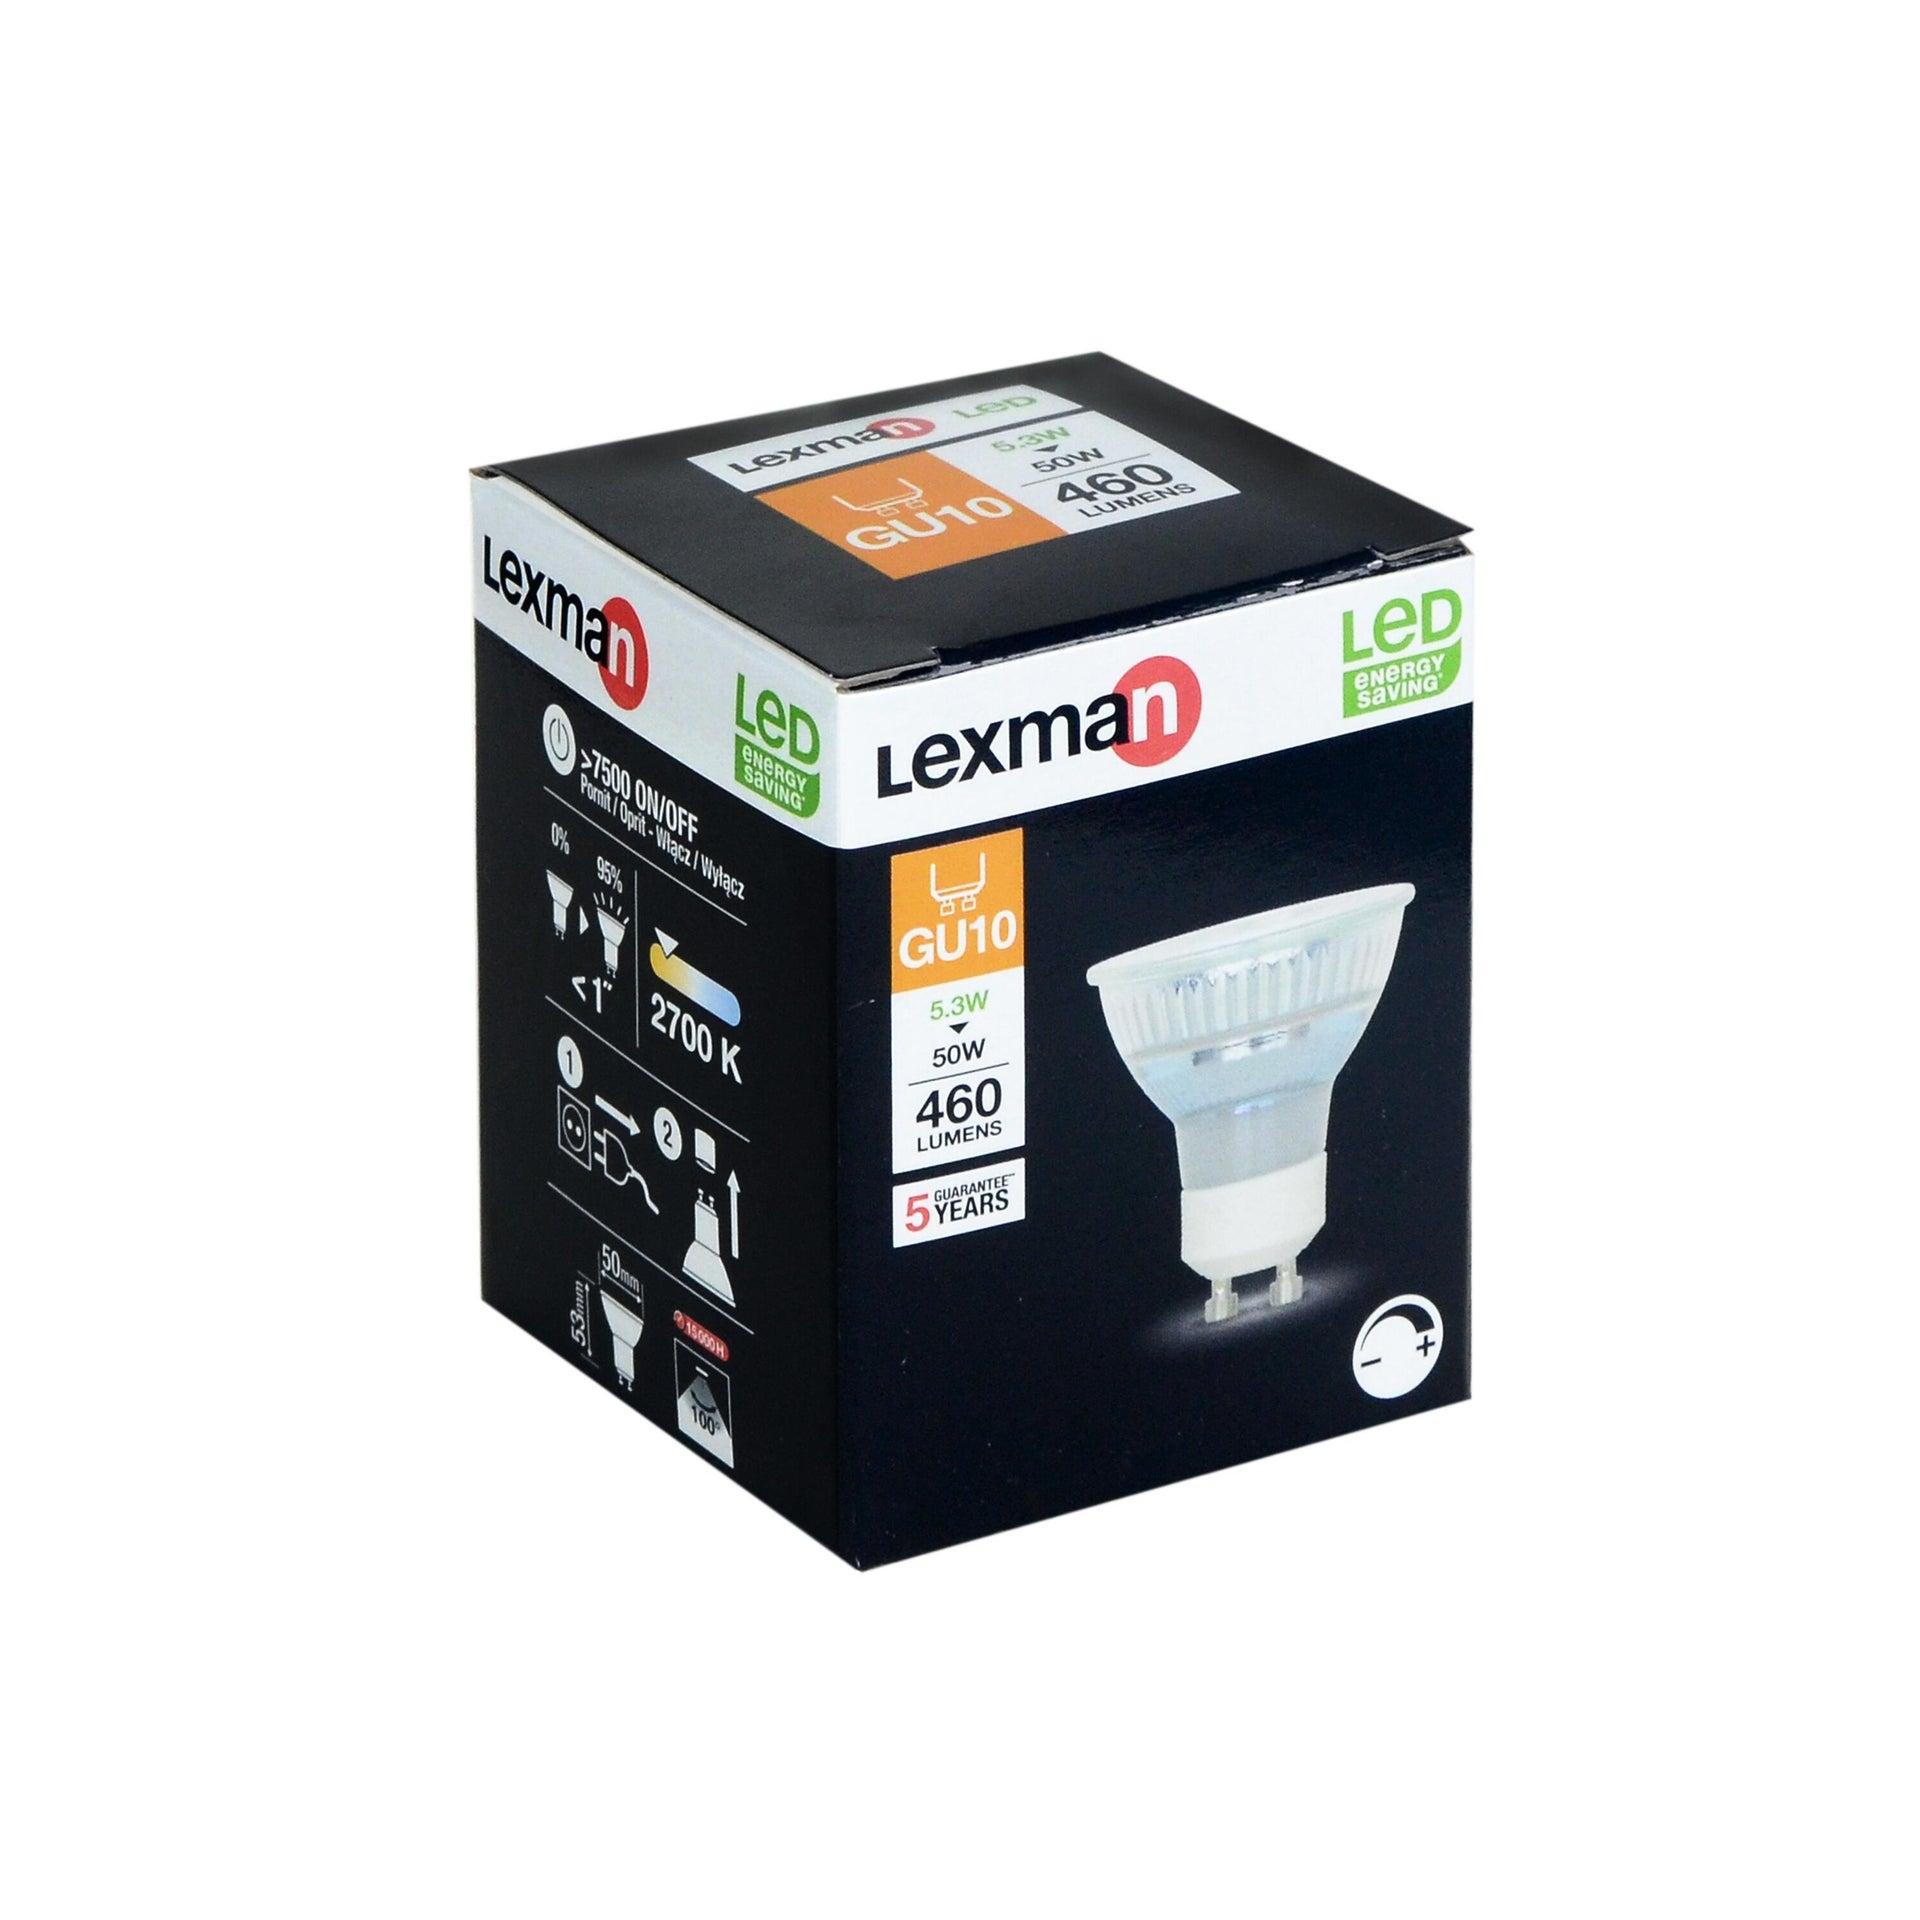 Lampadina LED, GU10, Faretto, Trasparente, Luce calda, 5.3W=460LM (equiv 50 W), 100° , LEXMAN - 4